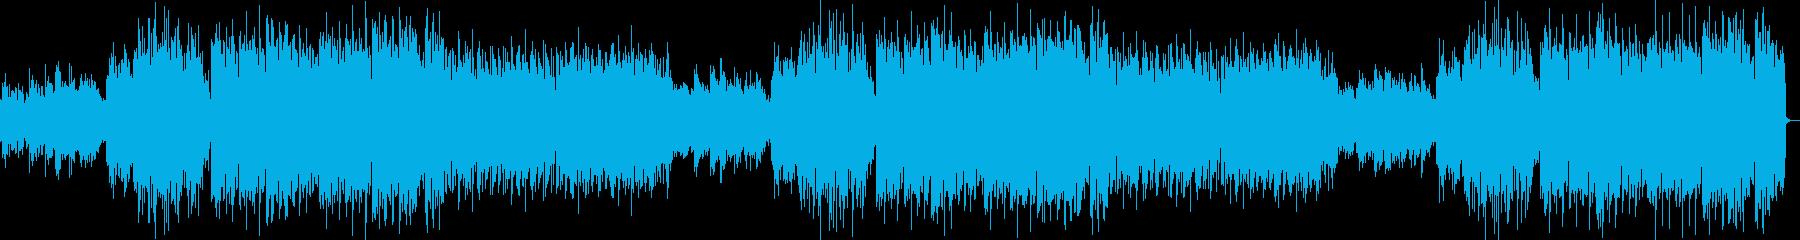 和風・EDM・エキサイティング・激しいの再生済みの波形